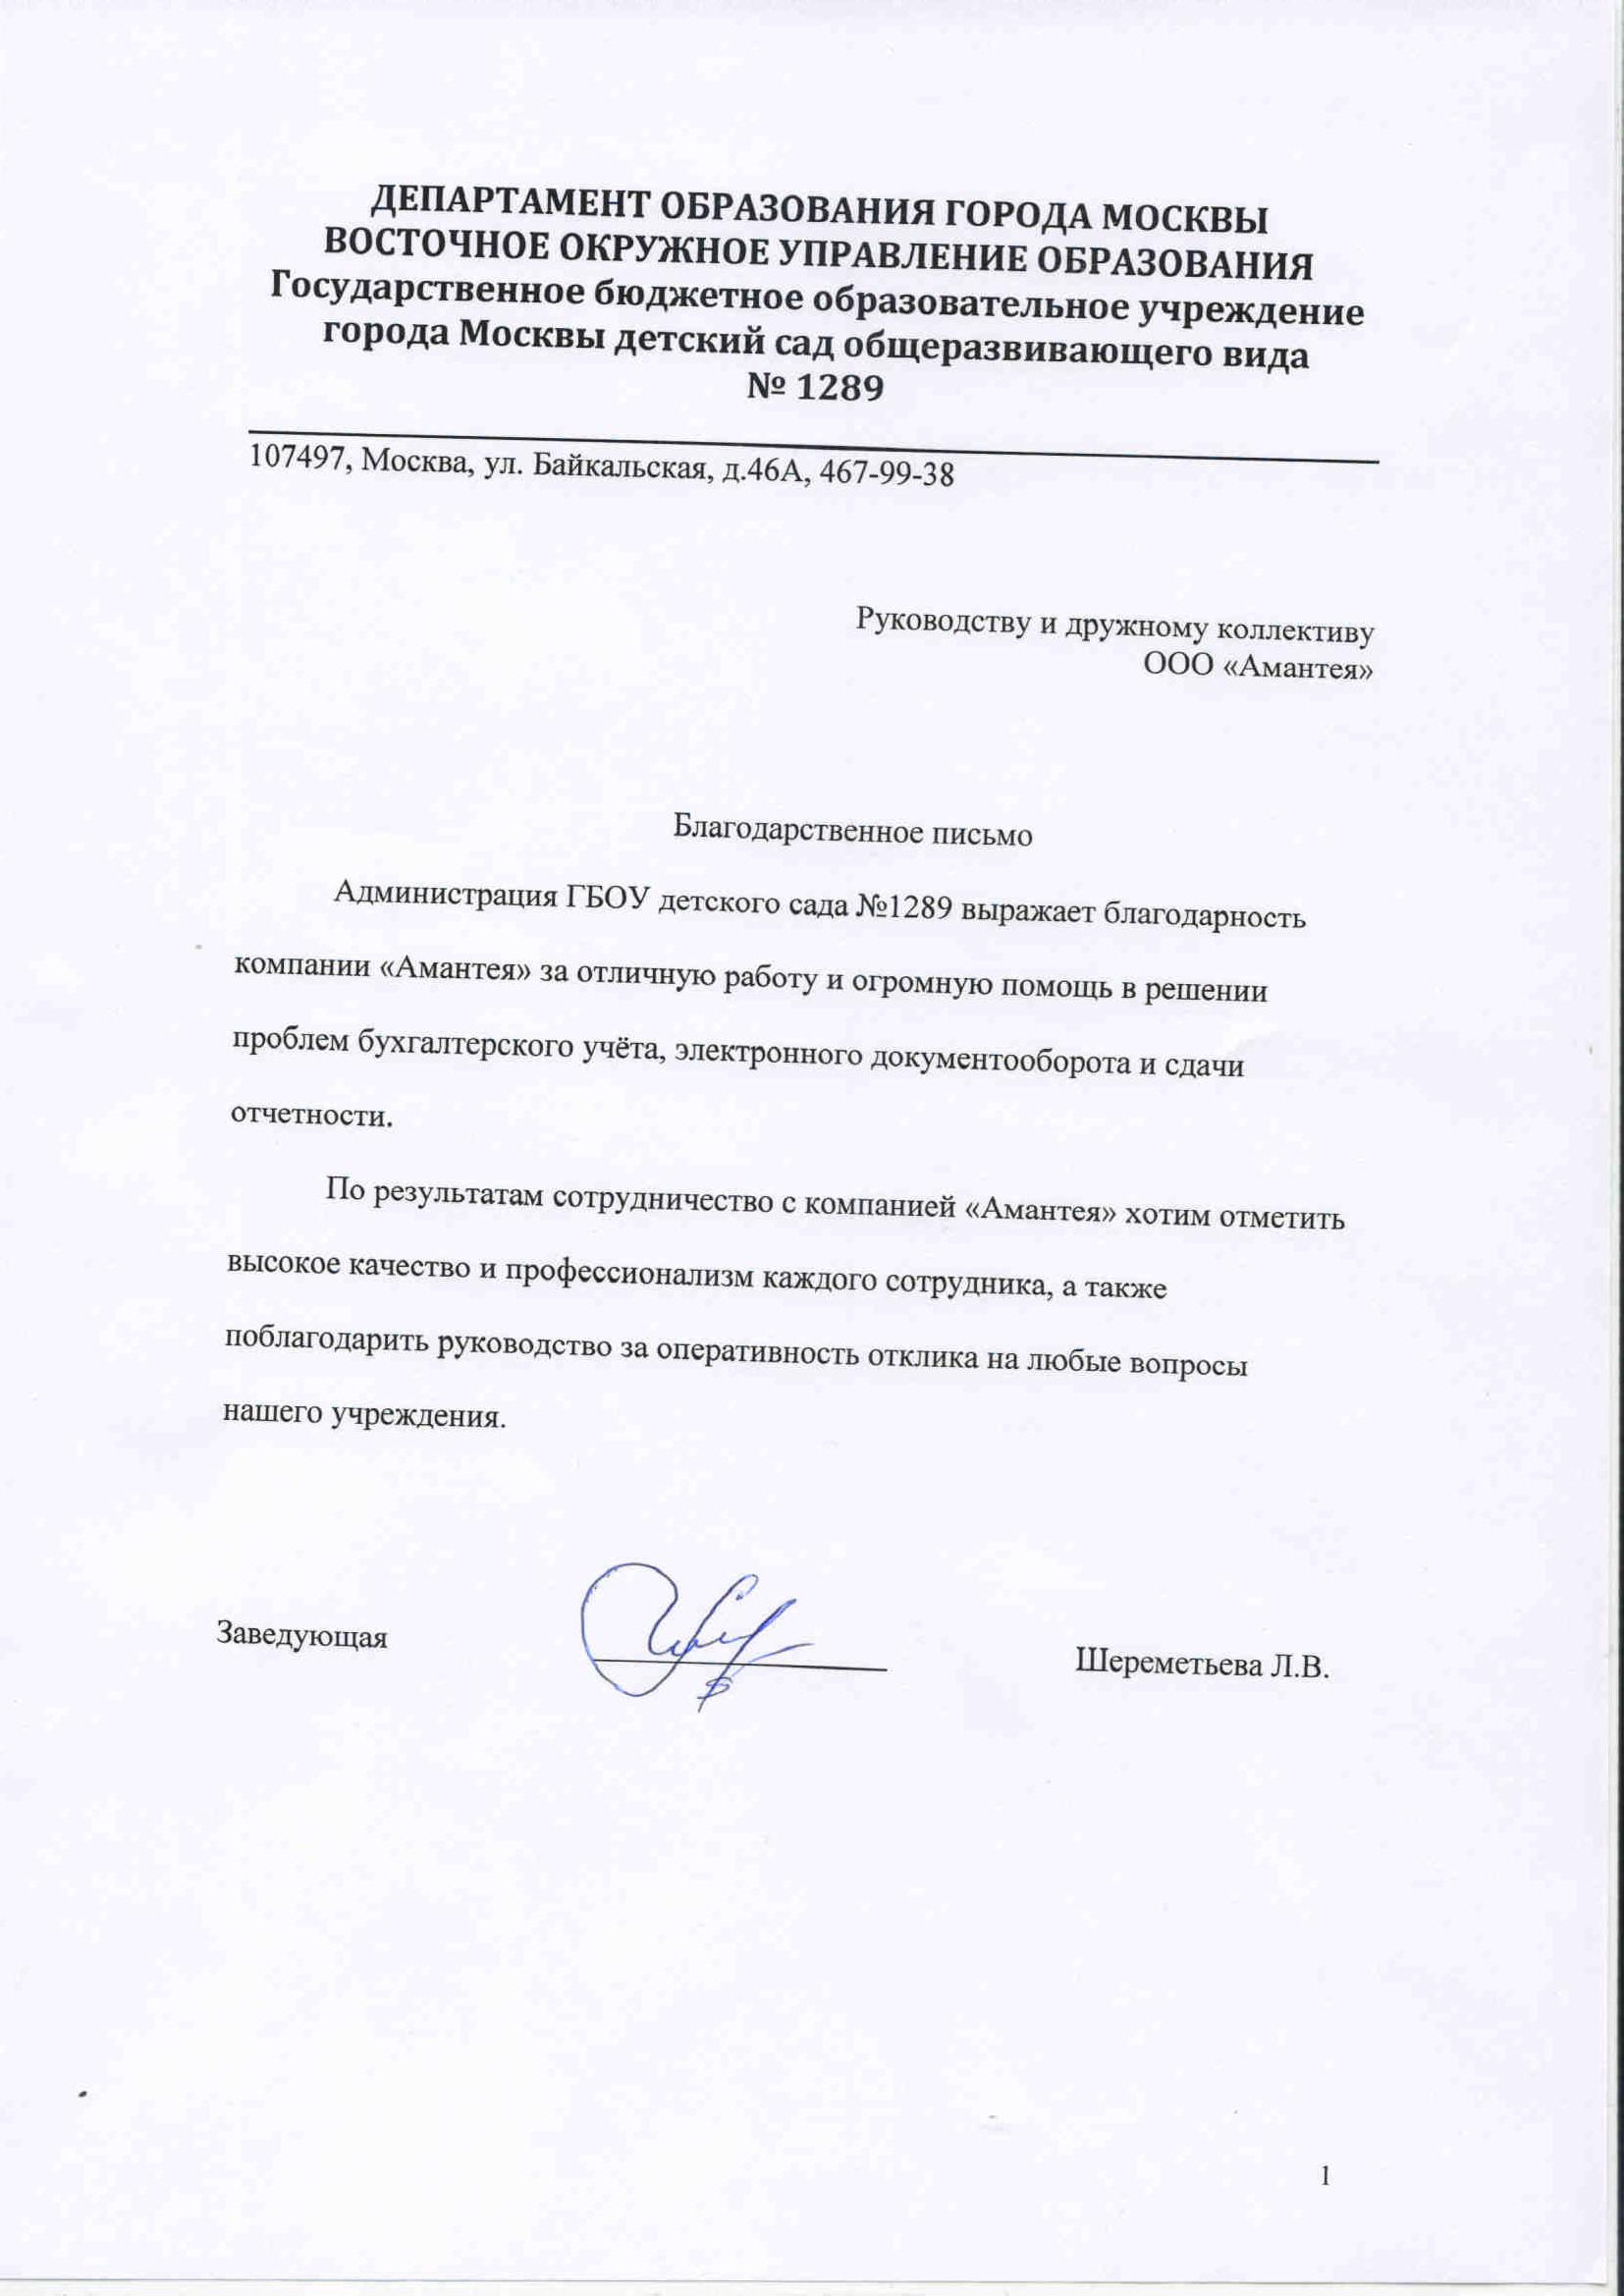 Администрация ГБОУ детского сада №1289